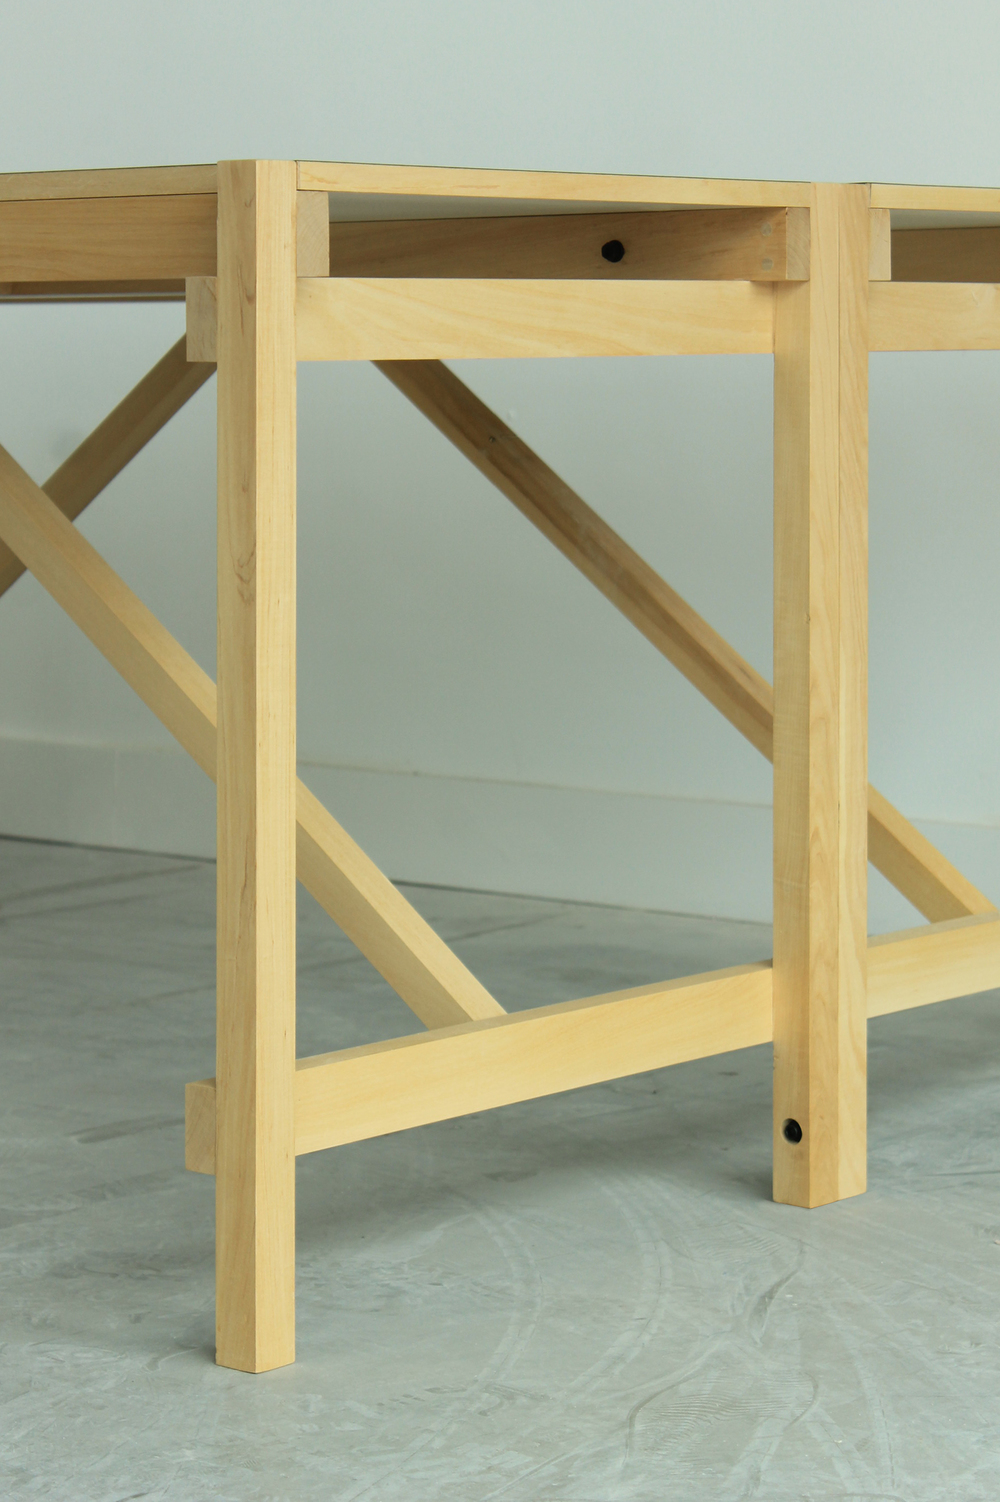 MM1700 | MM2000   Estructura de madera maciza de guatambú. Sistema de ensamble con bandeja intermedia.  Dimensiones: - 1700 x 850 x 600 - 2000 x 850 x 700  Material de tabla: mármol/vidrio/formica